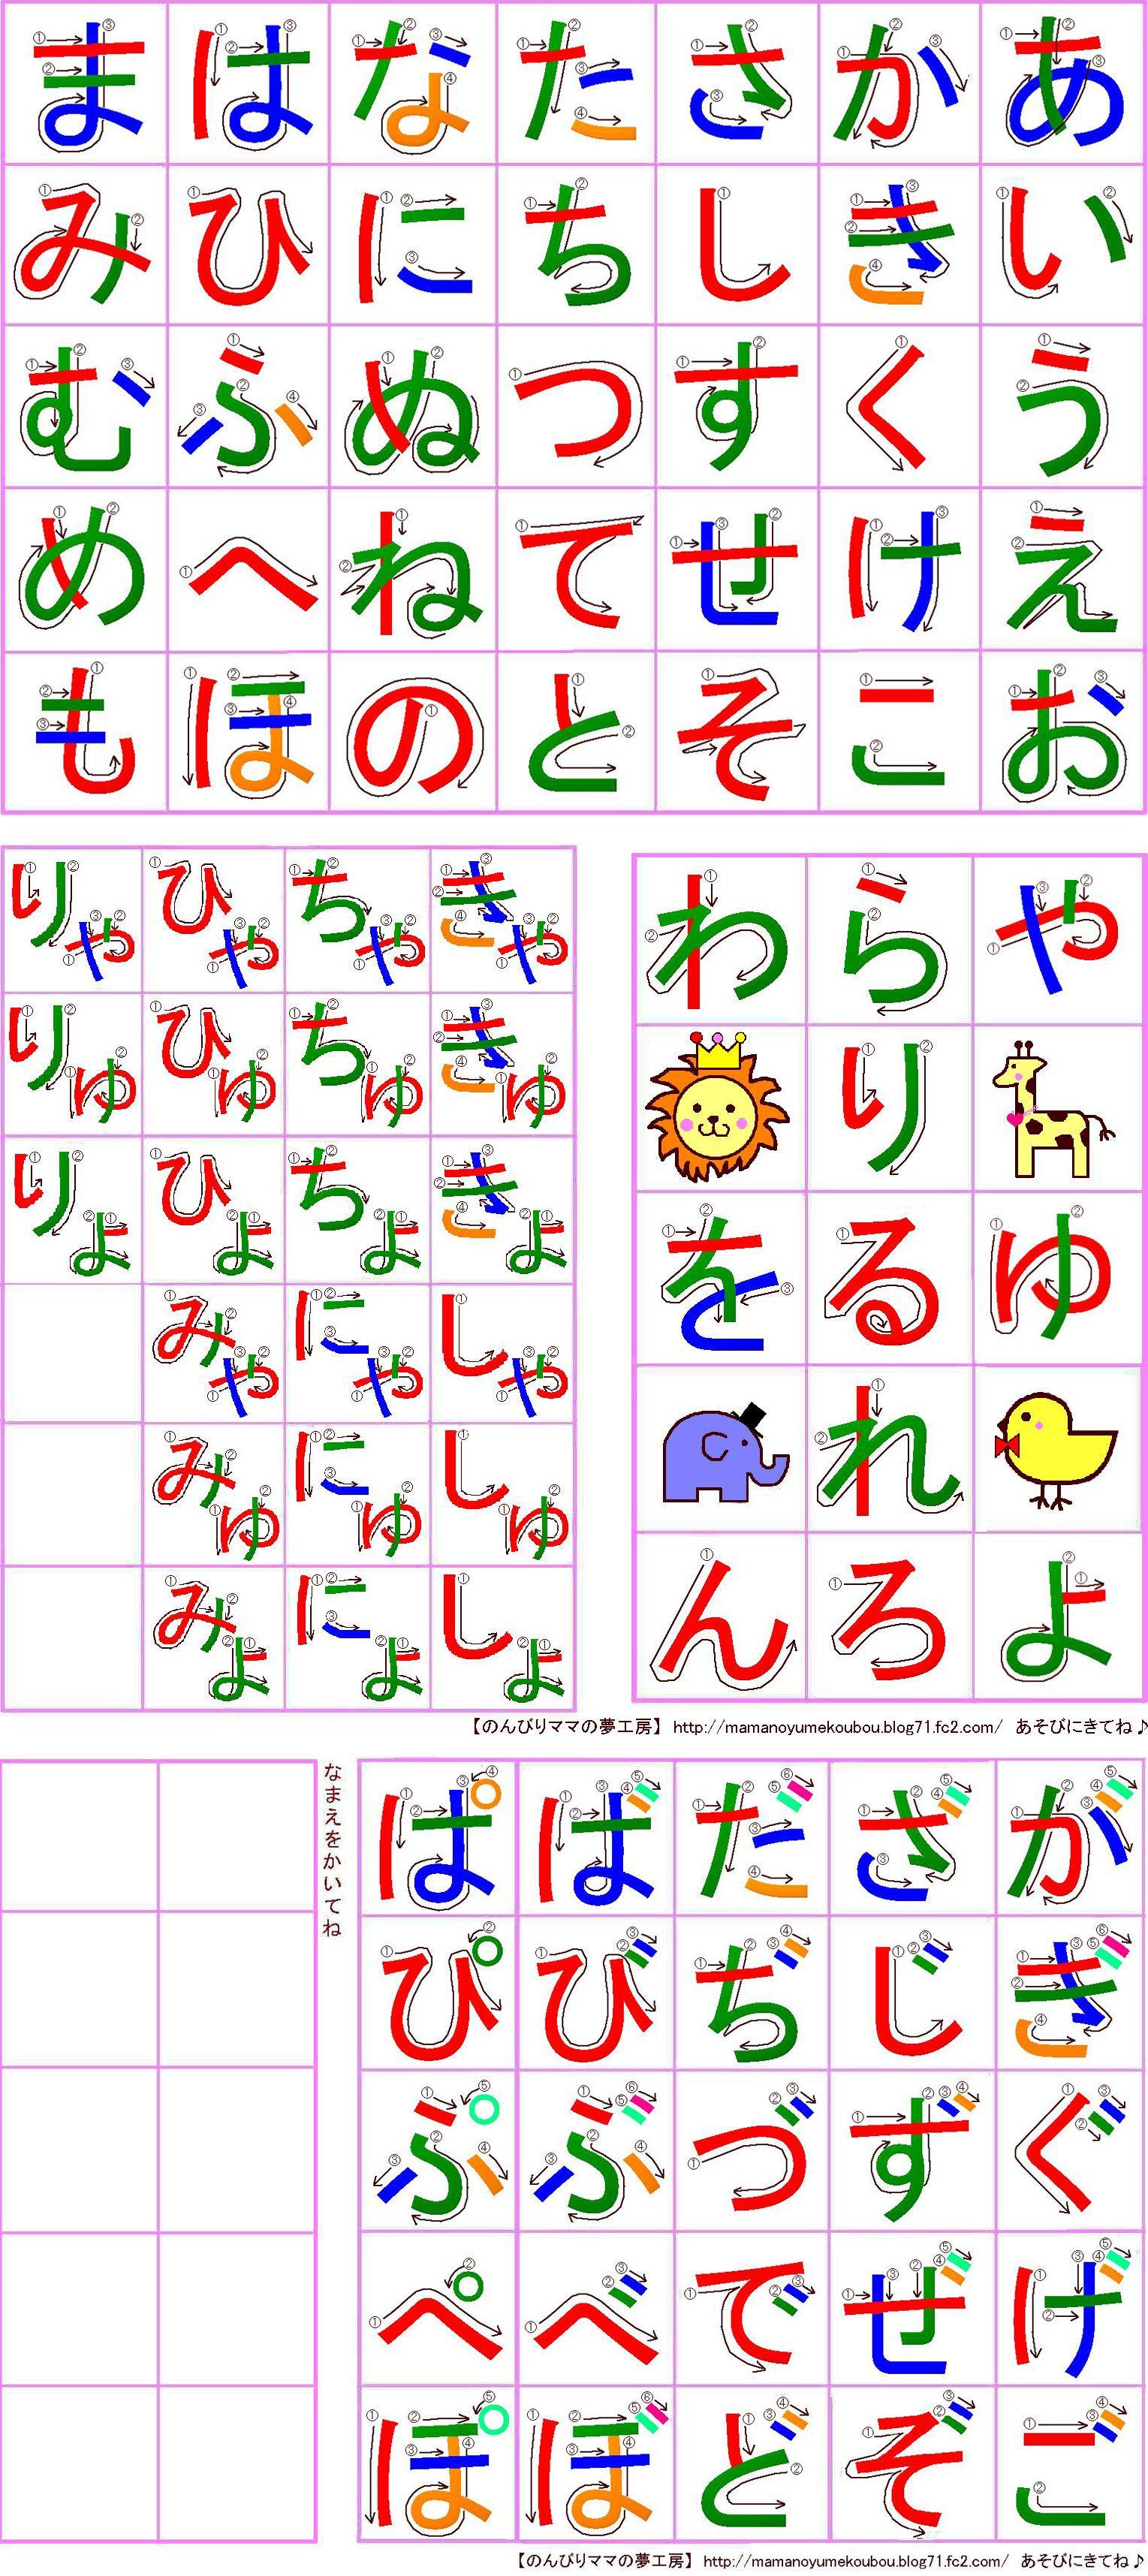 small resolution of stroke order diagram schematic diagram database kanji colorizer stroke order diagrams kanji stroke diagram